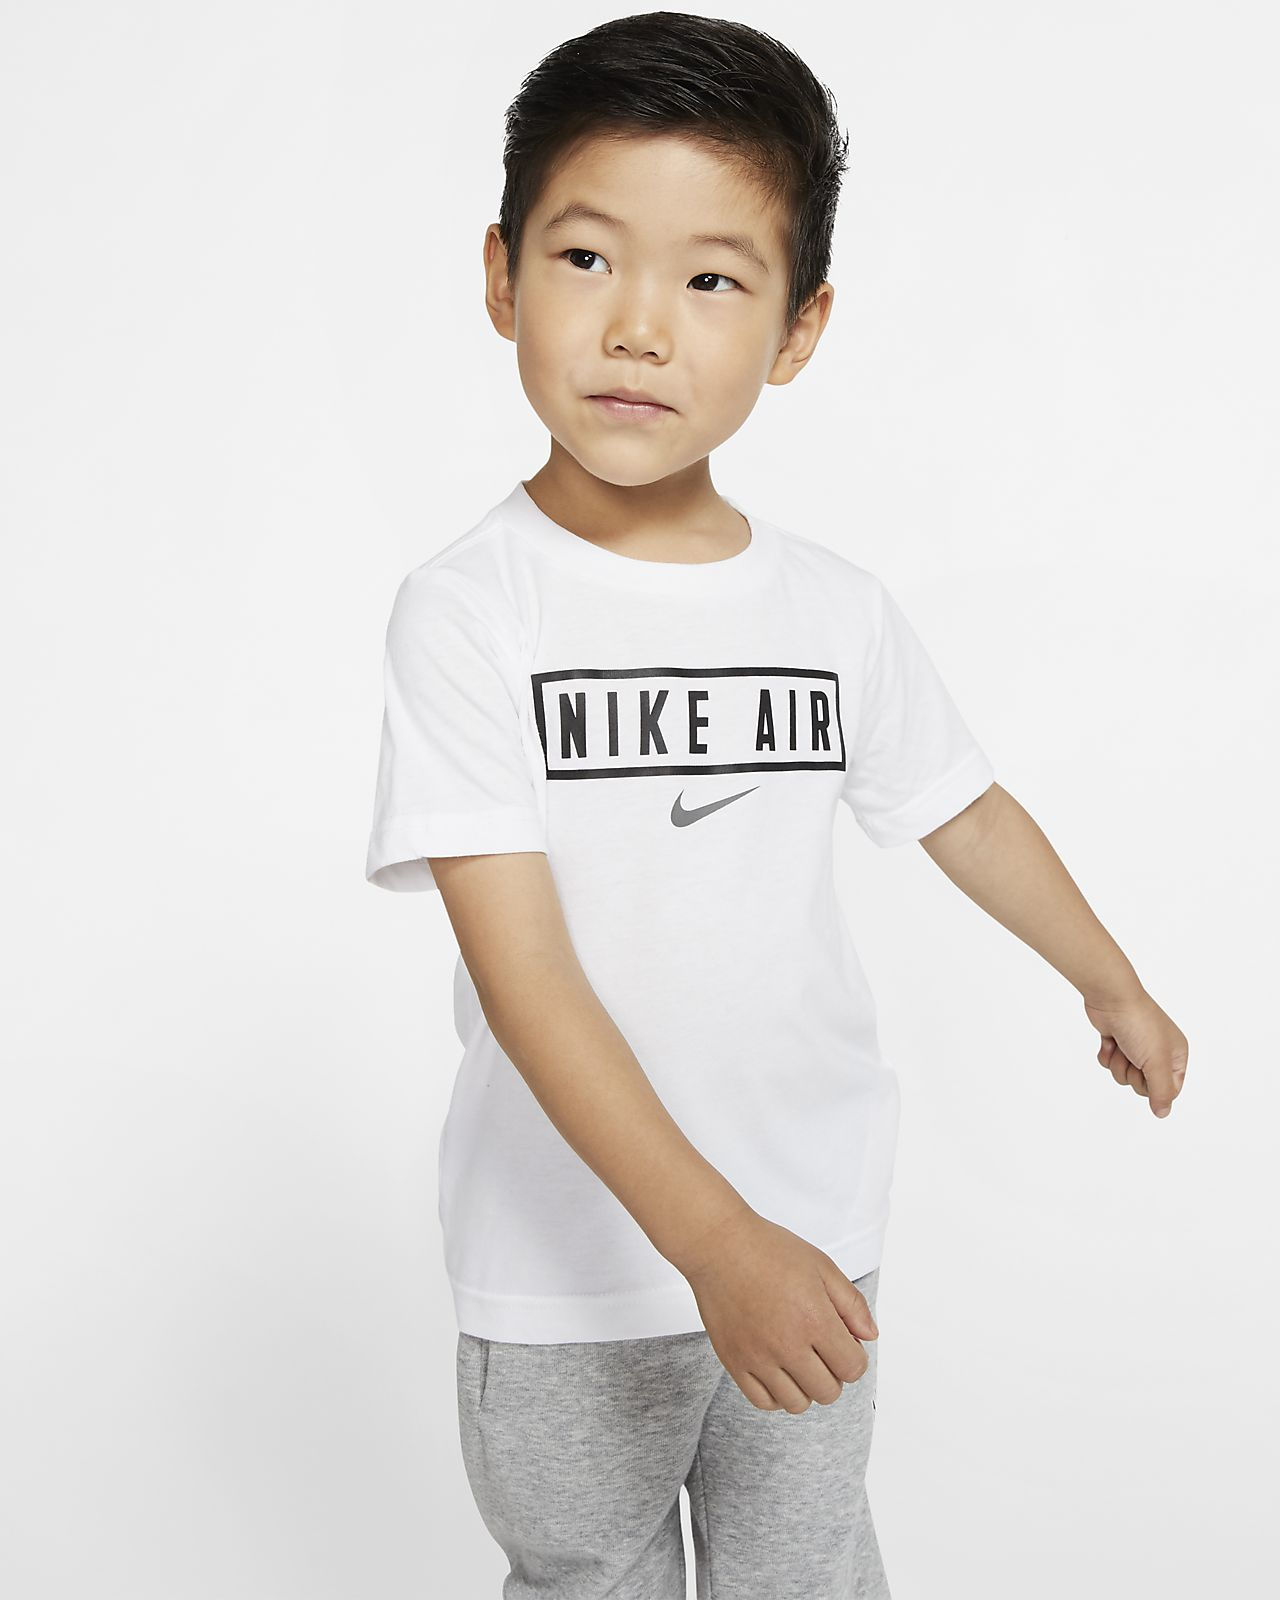 Κοντομάνικο T-Shirt Nike Air για νήπια